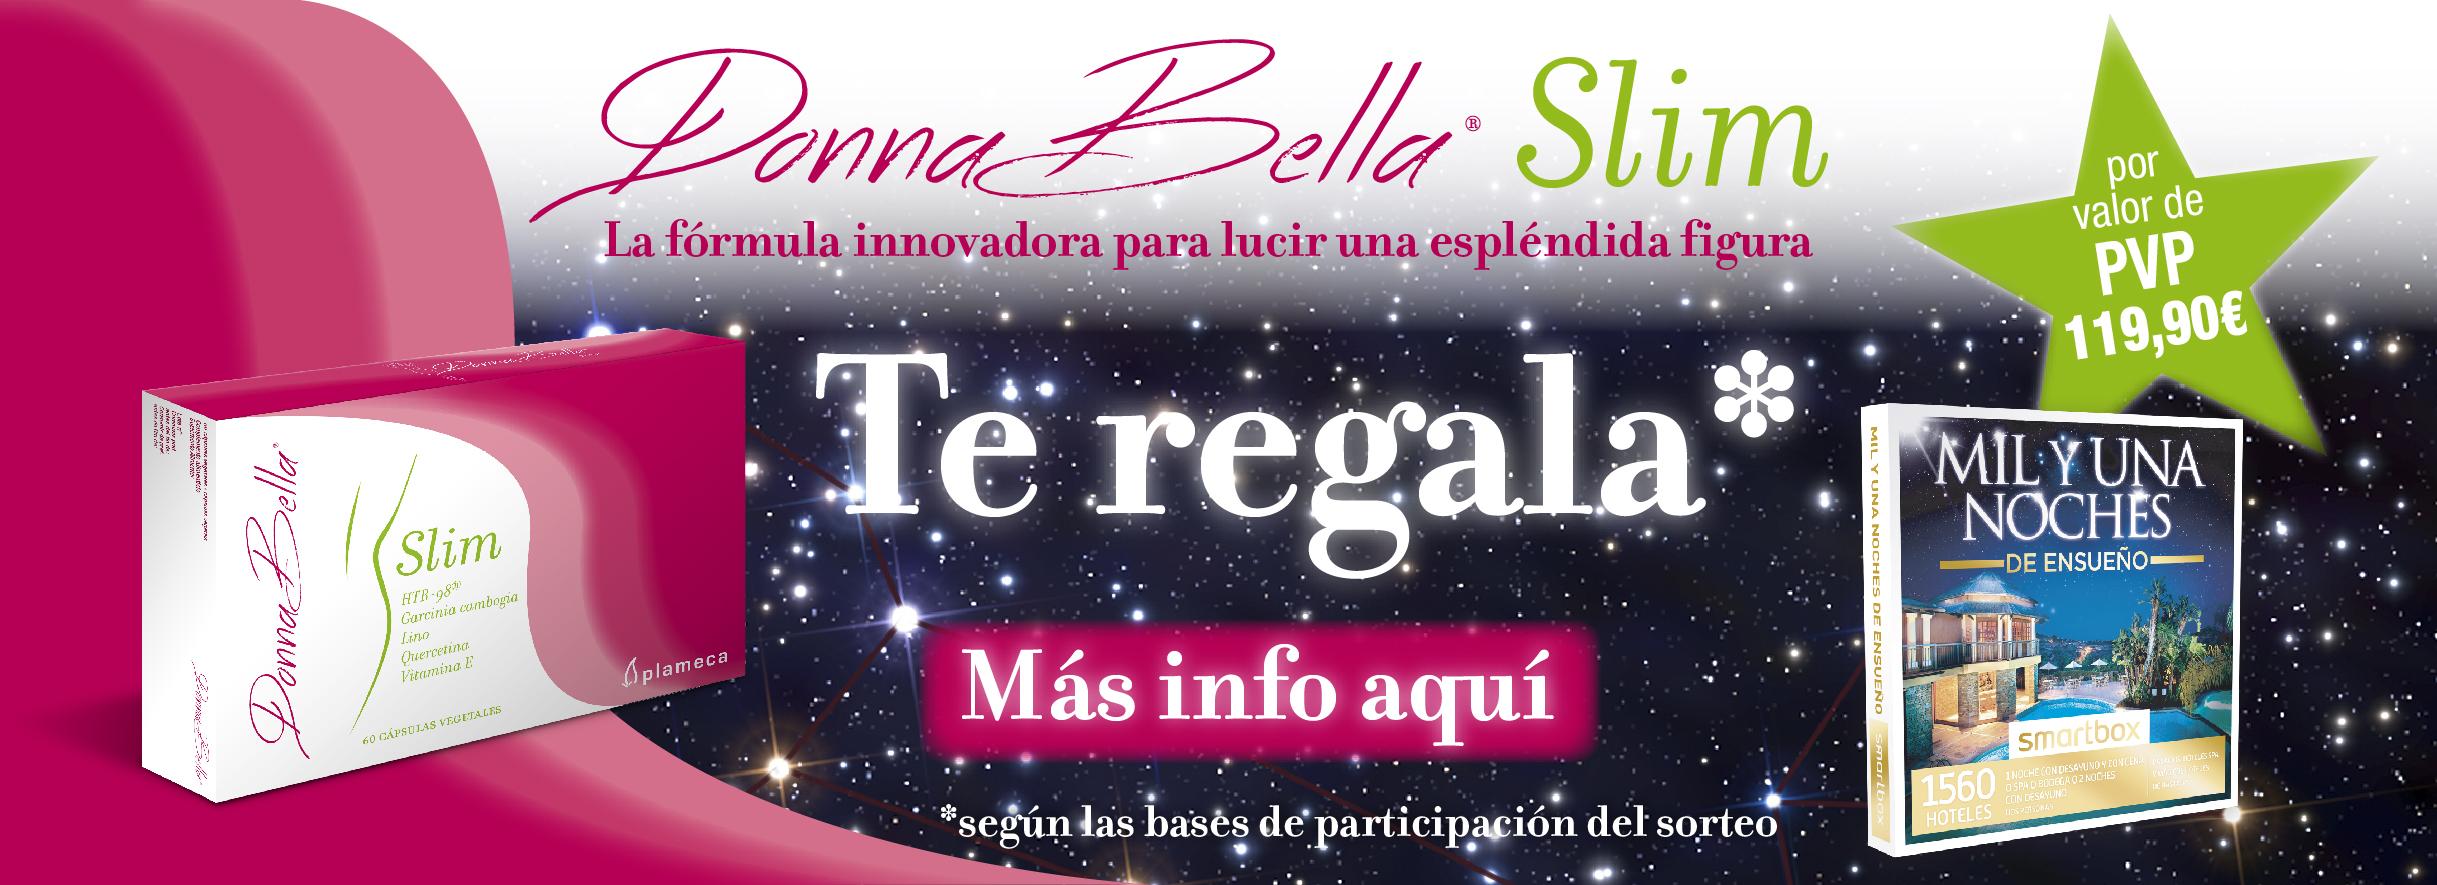 Banner-Sorteo-DonnaBella-01